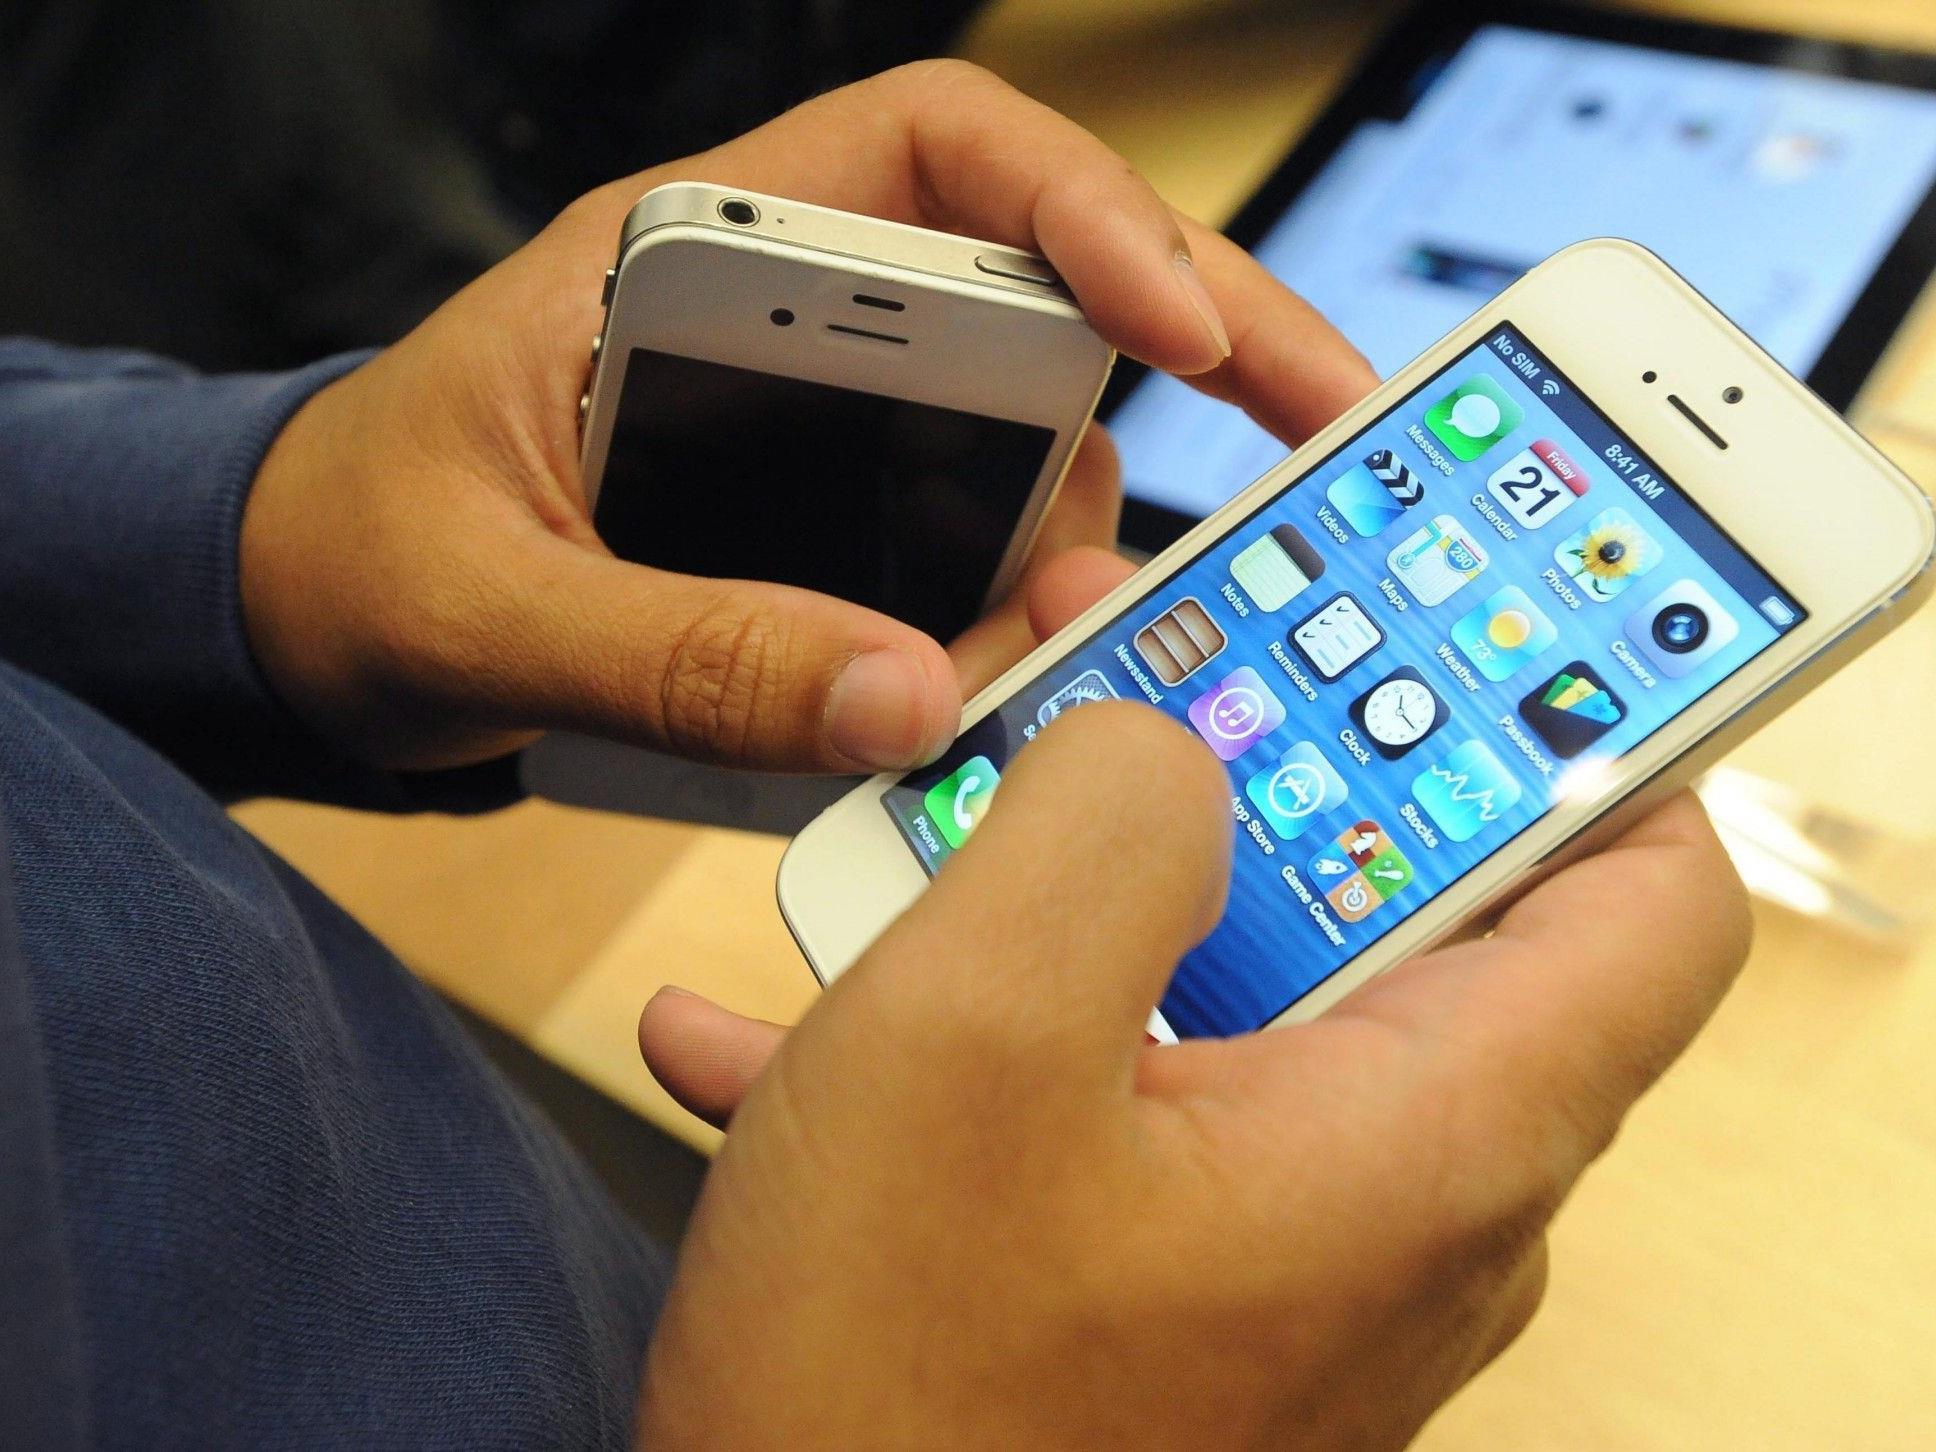 Kundenbeschwerden häufen sich - Apple klopft Foxconn auf die Finger.